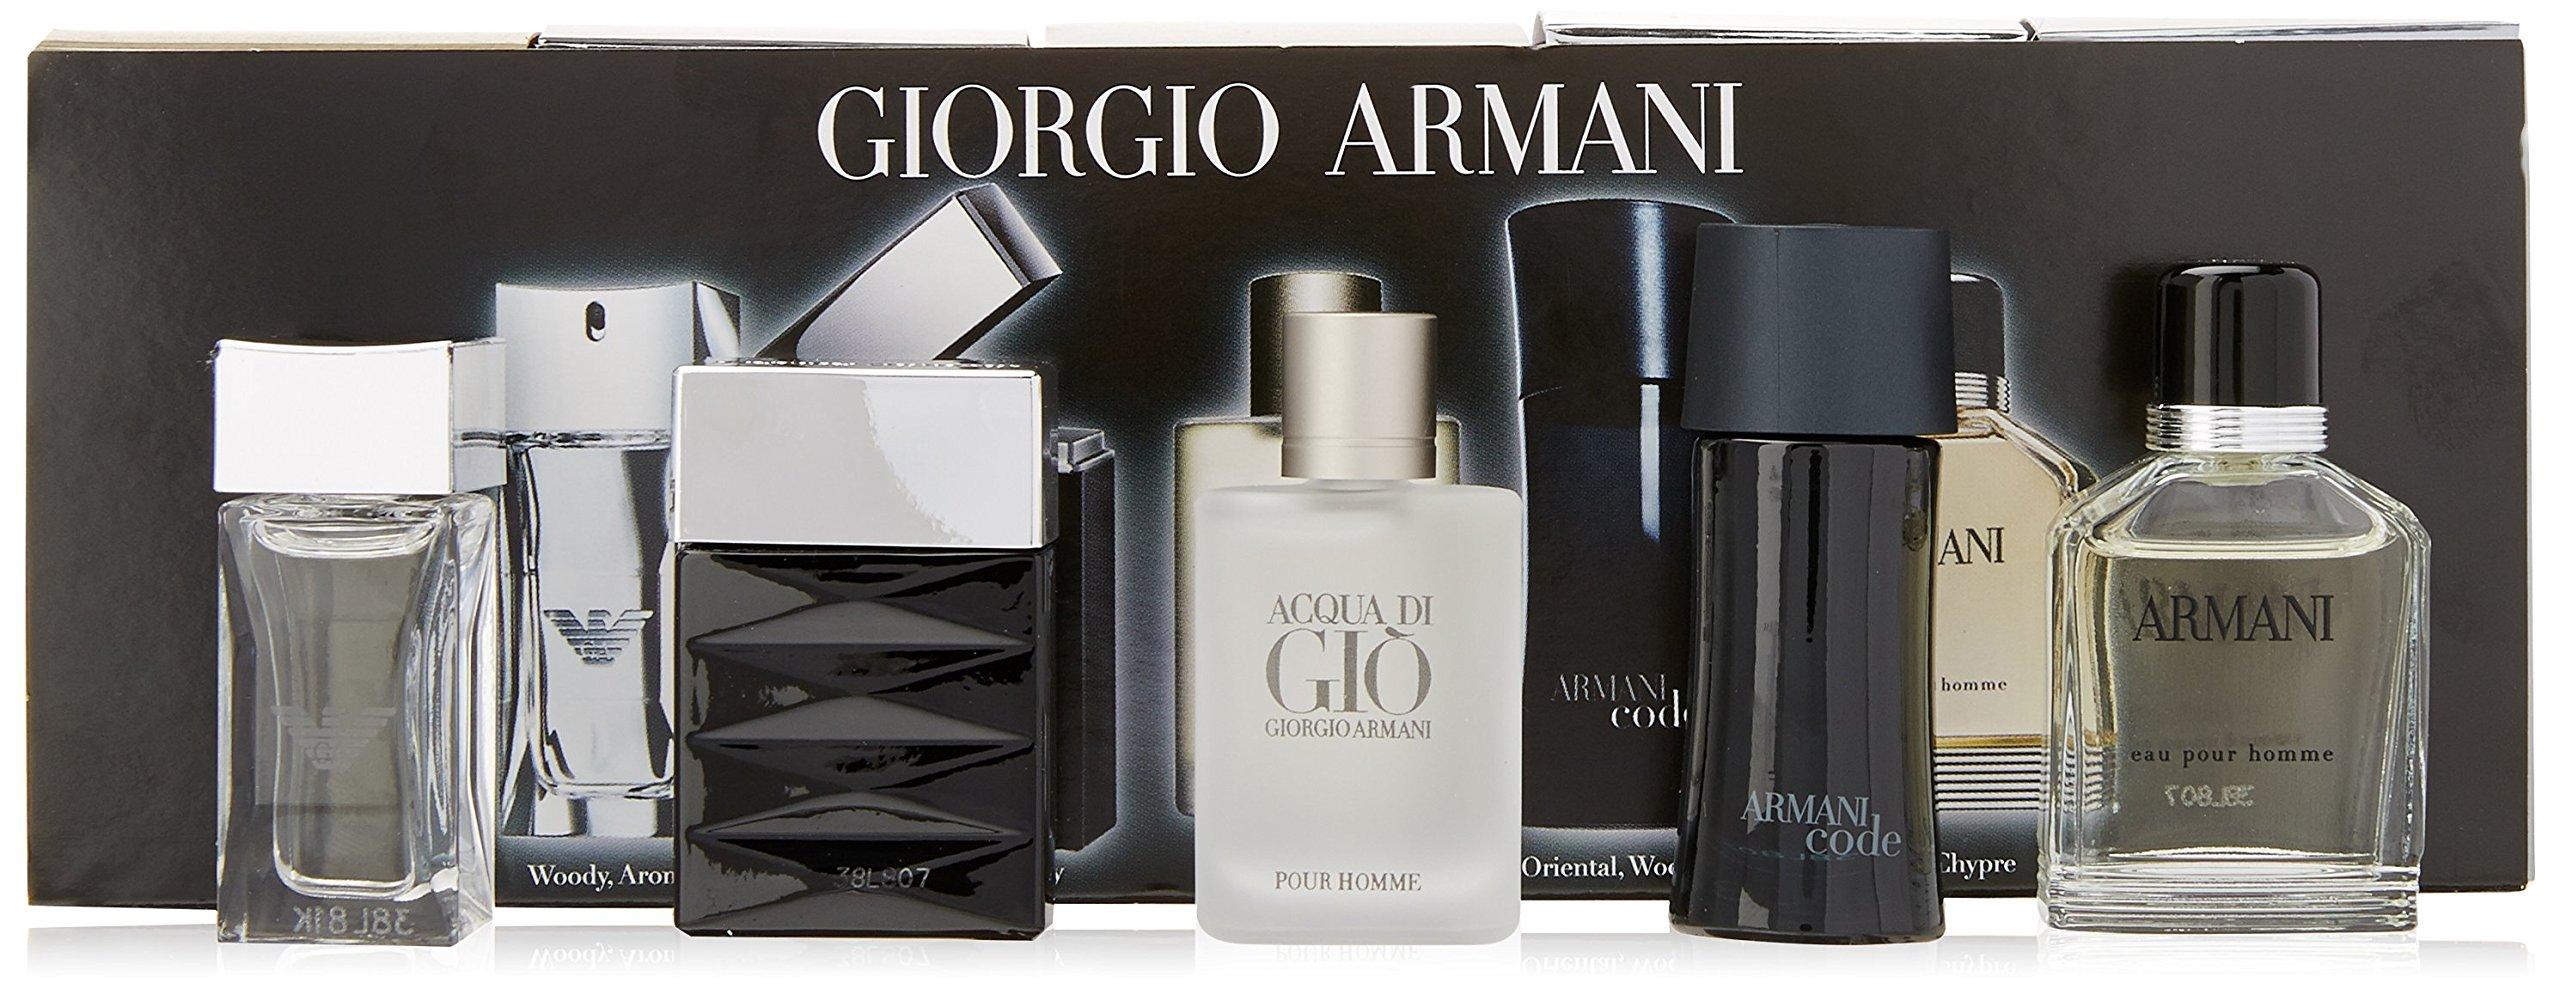 Amazon.com   Giorgio Armani Mini Attitude 5 Piece Gift Set for Men    Accessory   Beauty 5426b6efe657